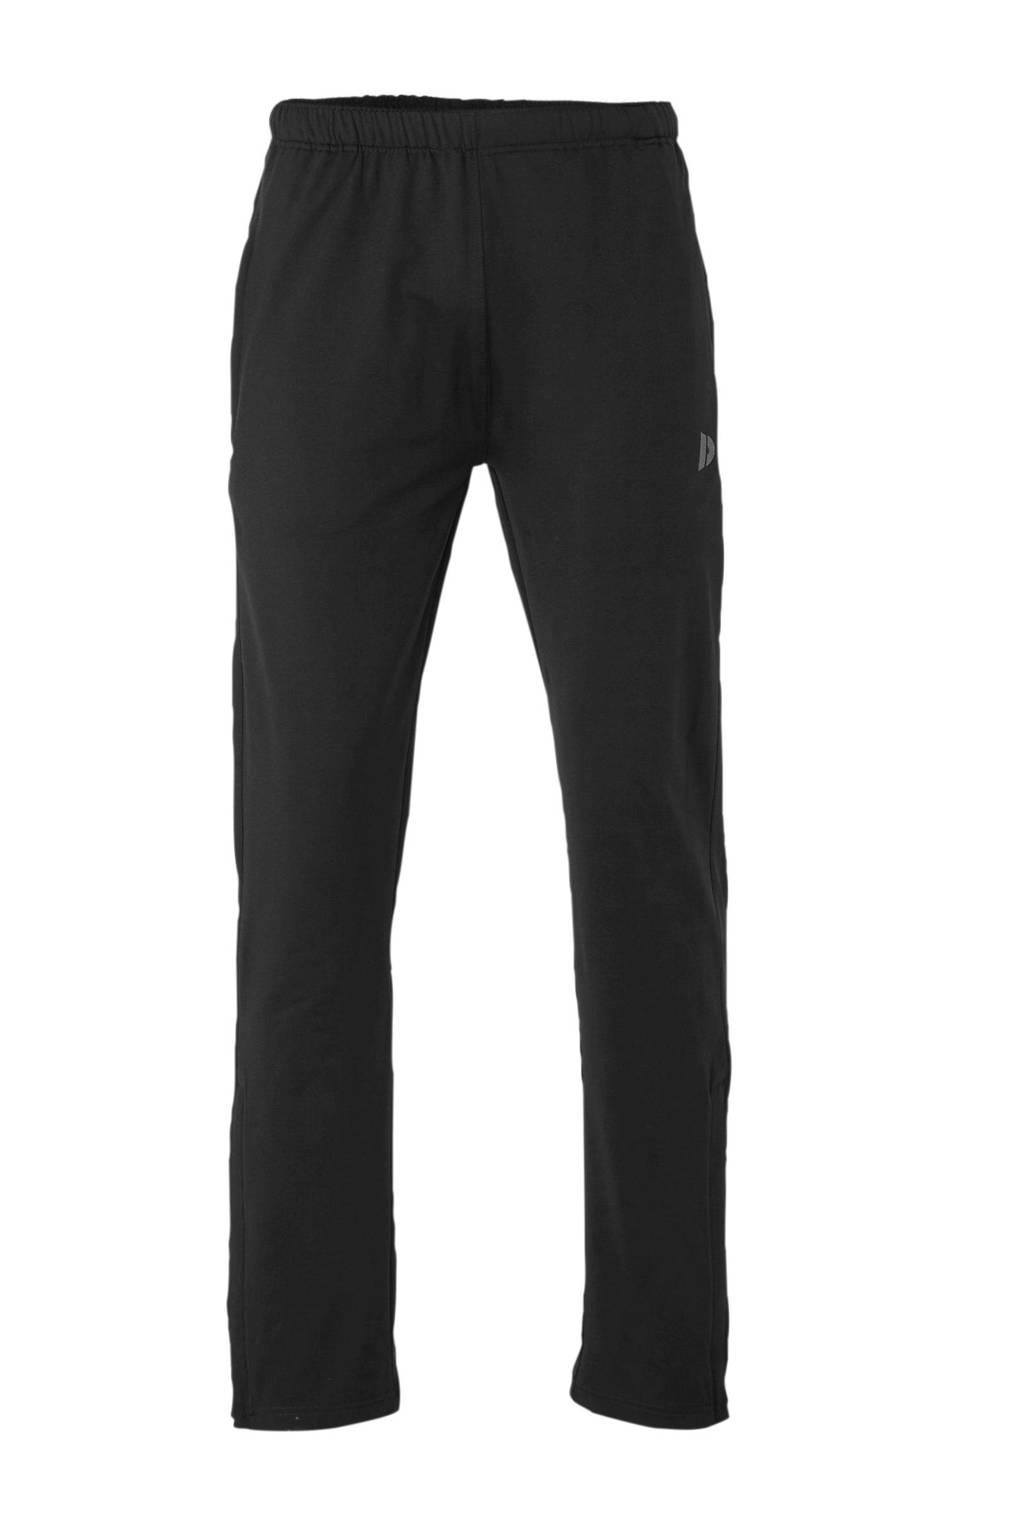 Donnay   trainingsbroek zwart, Zwart